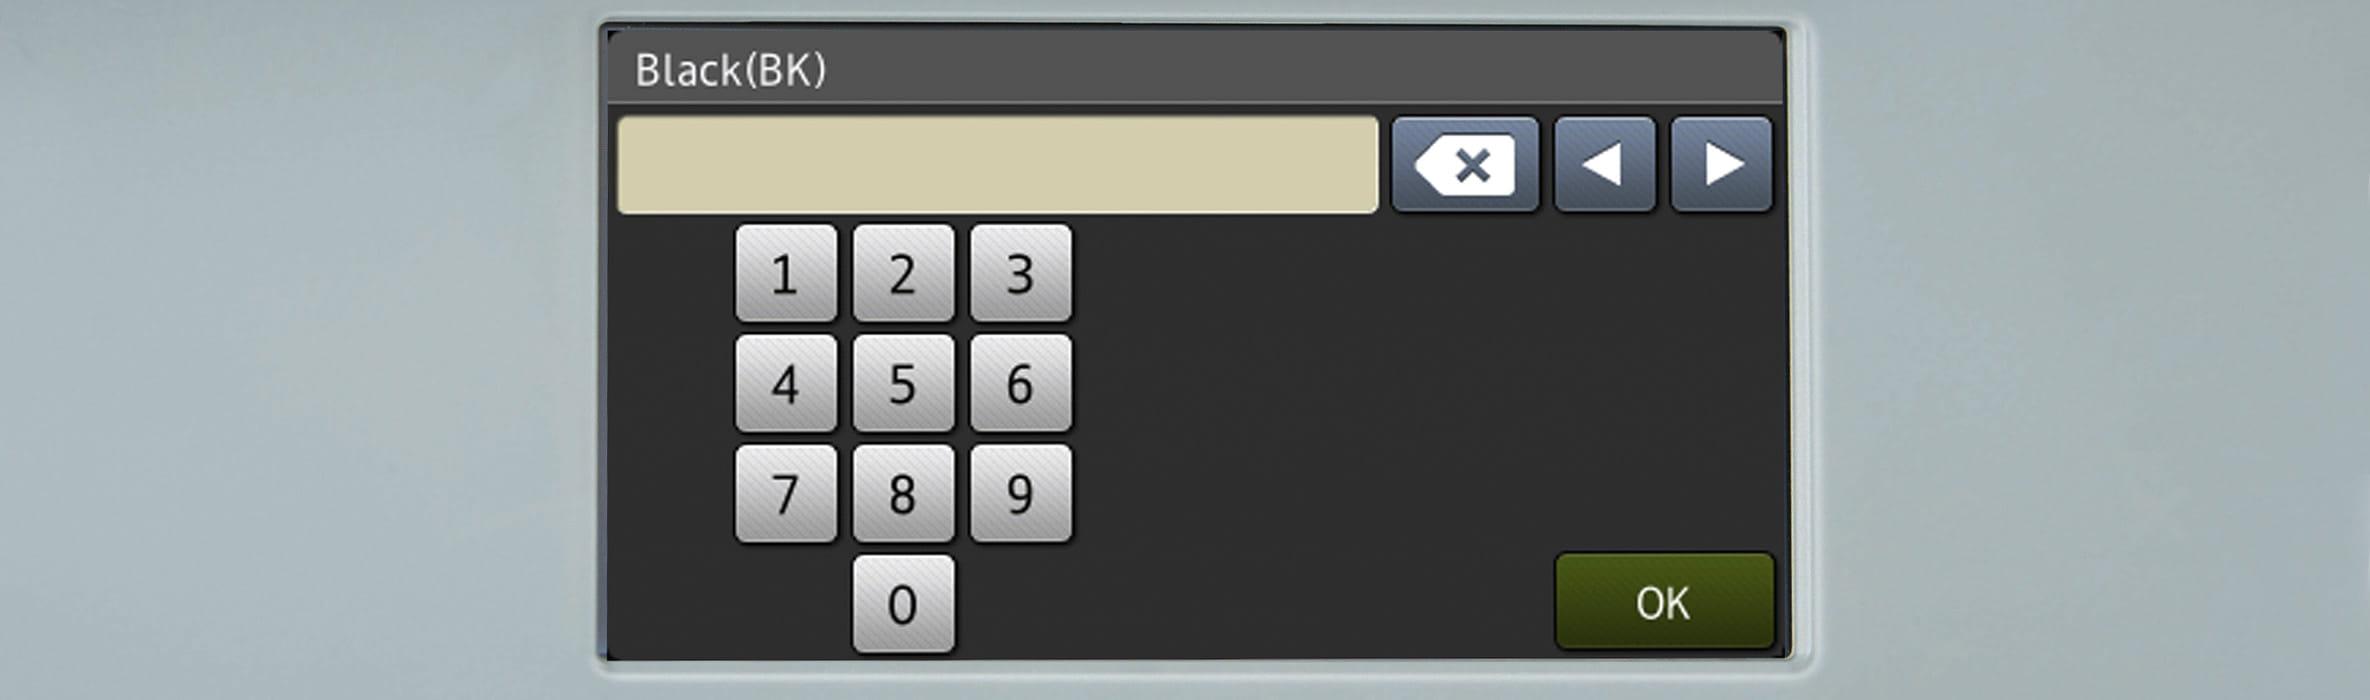 Številka na zaslonu na dotik na večfunkcijski napravi Brother